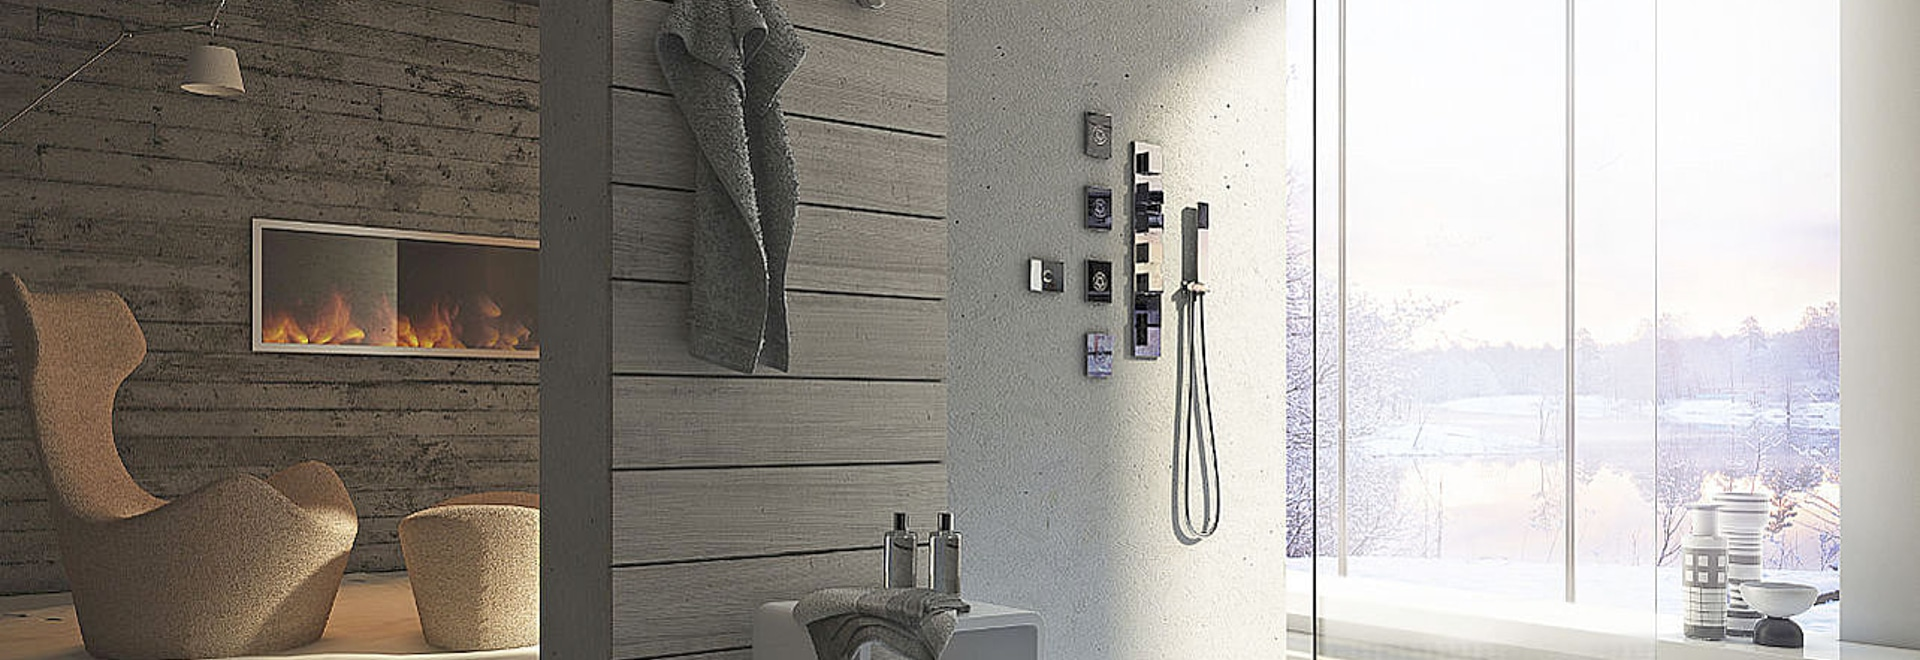 Une expérience sensorielle pour l'espace de douche, une nouvelle philosophie de Calflex pour la santé de votre corps et âme